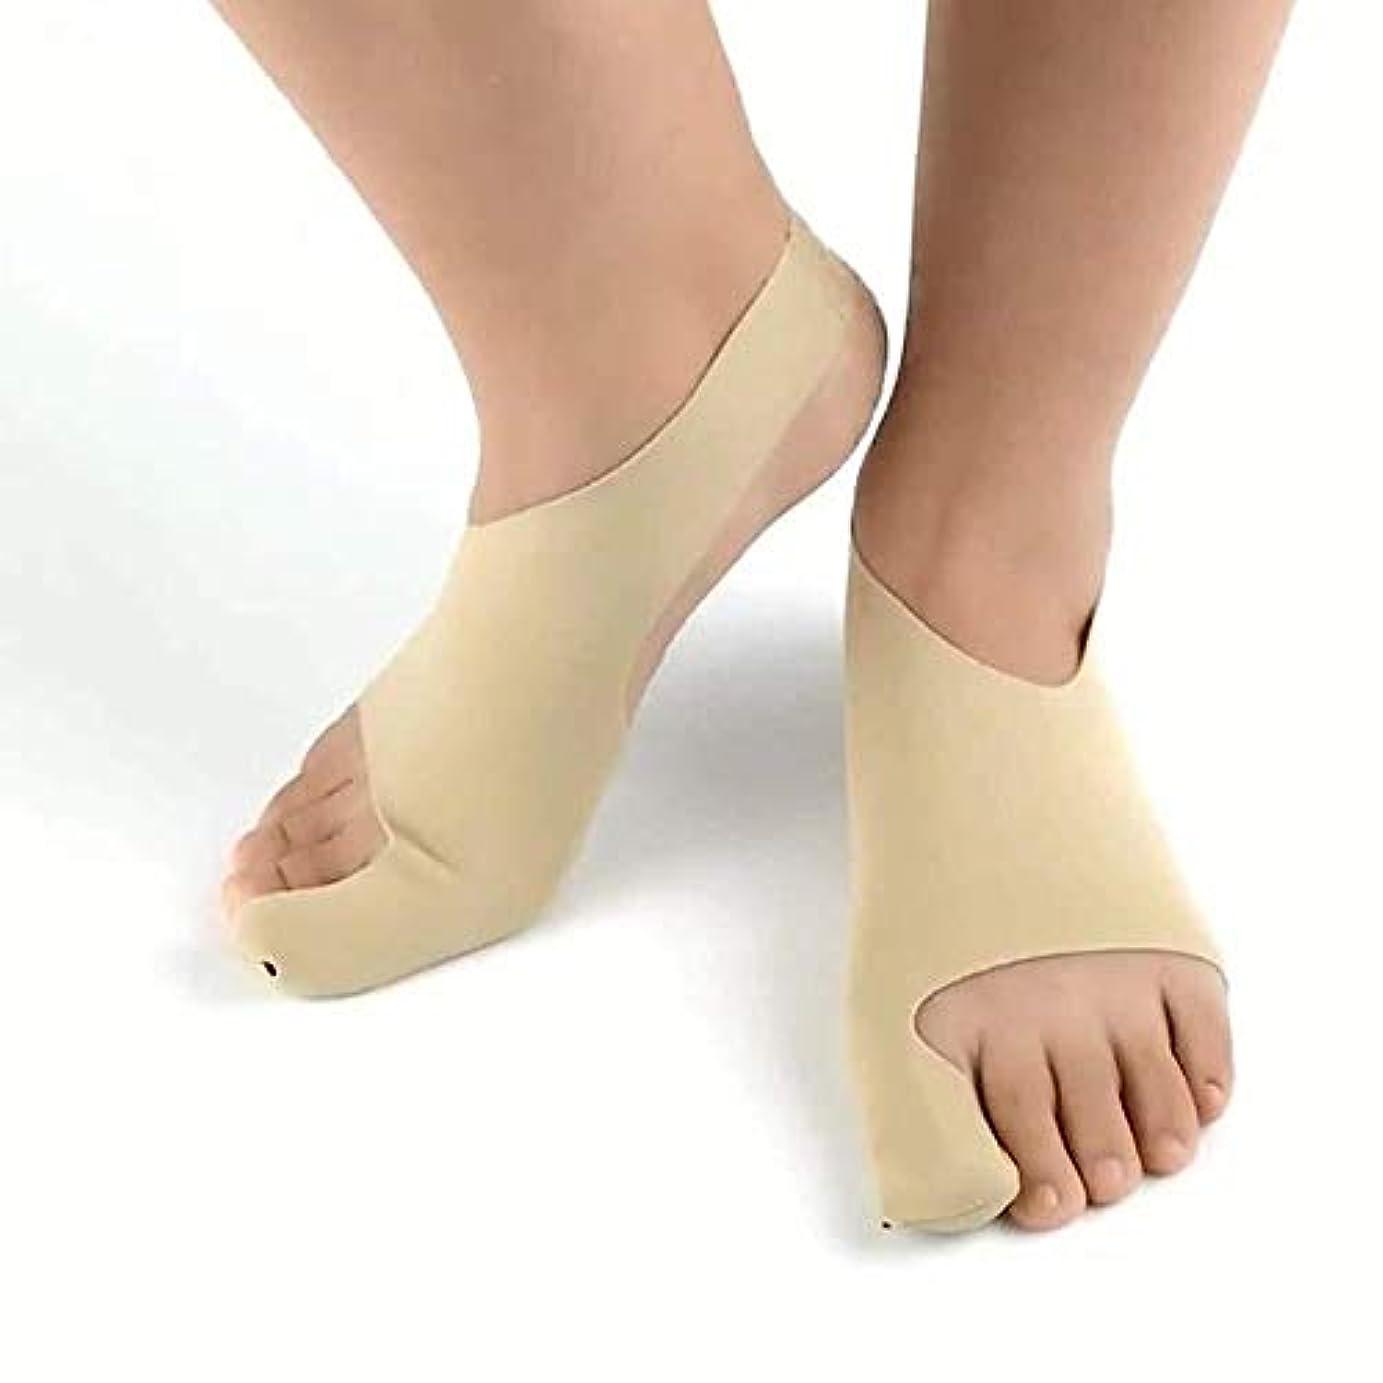 ぬるいステレオ拮抗する外反母ortho装具、超薄型整形外科大足指外反母gusは、ランニング/スポーツの治療と足の痛みの緩和をサポートします,L